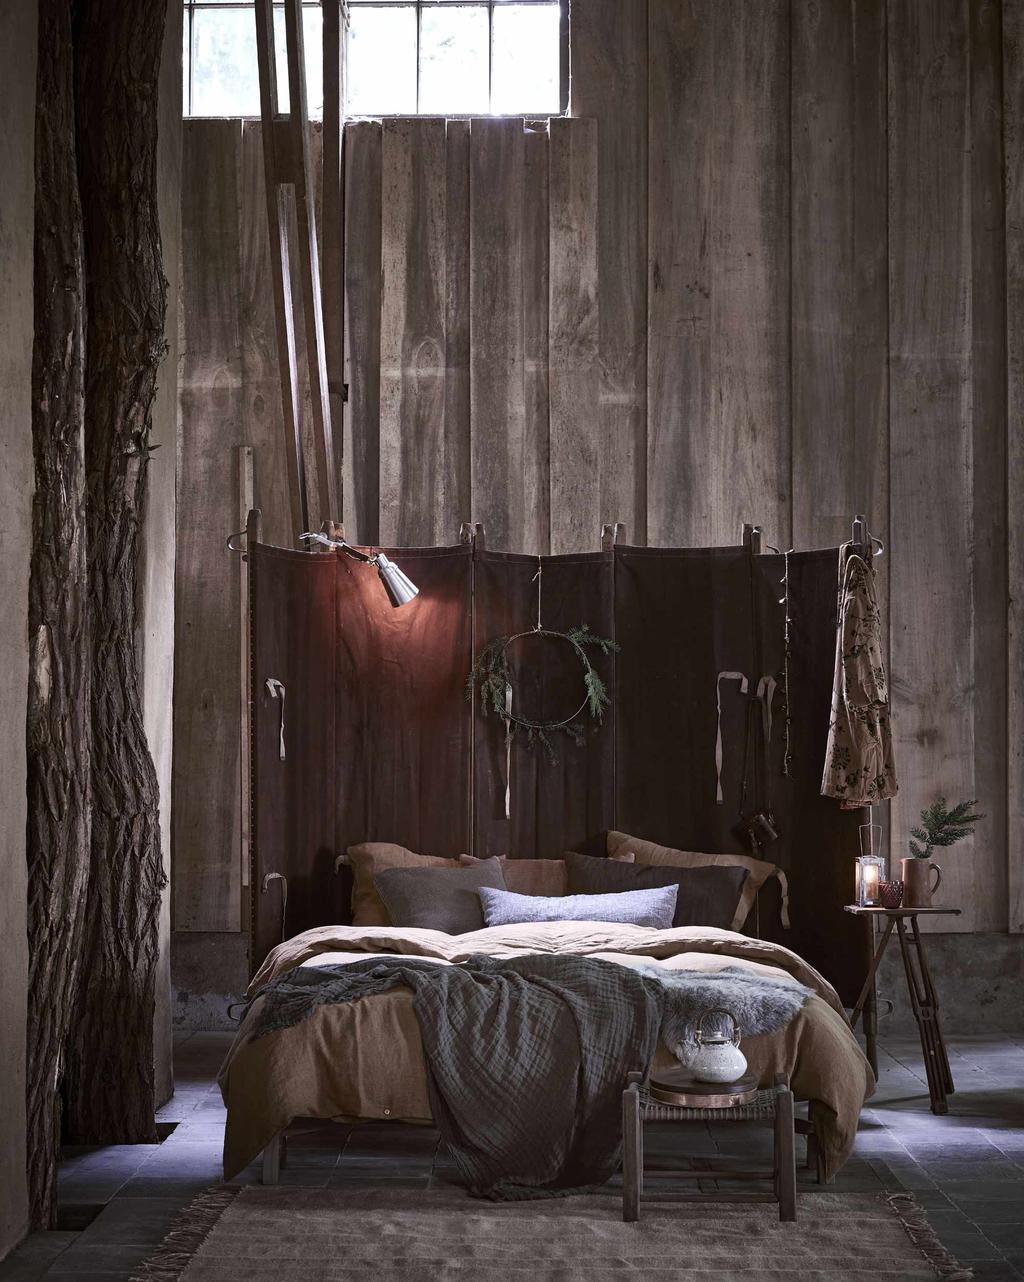 Slaapkamer met schot